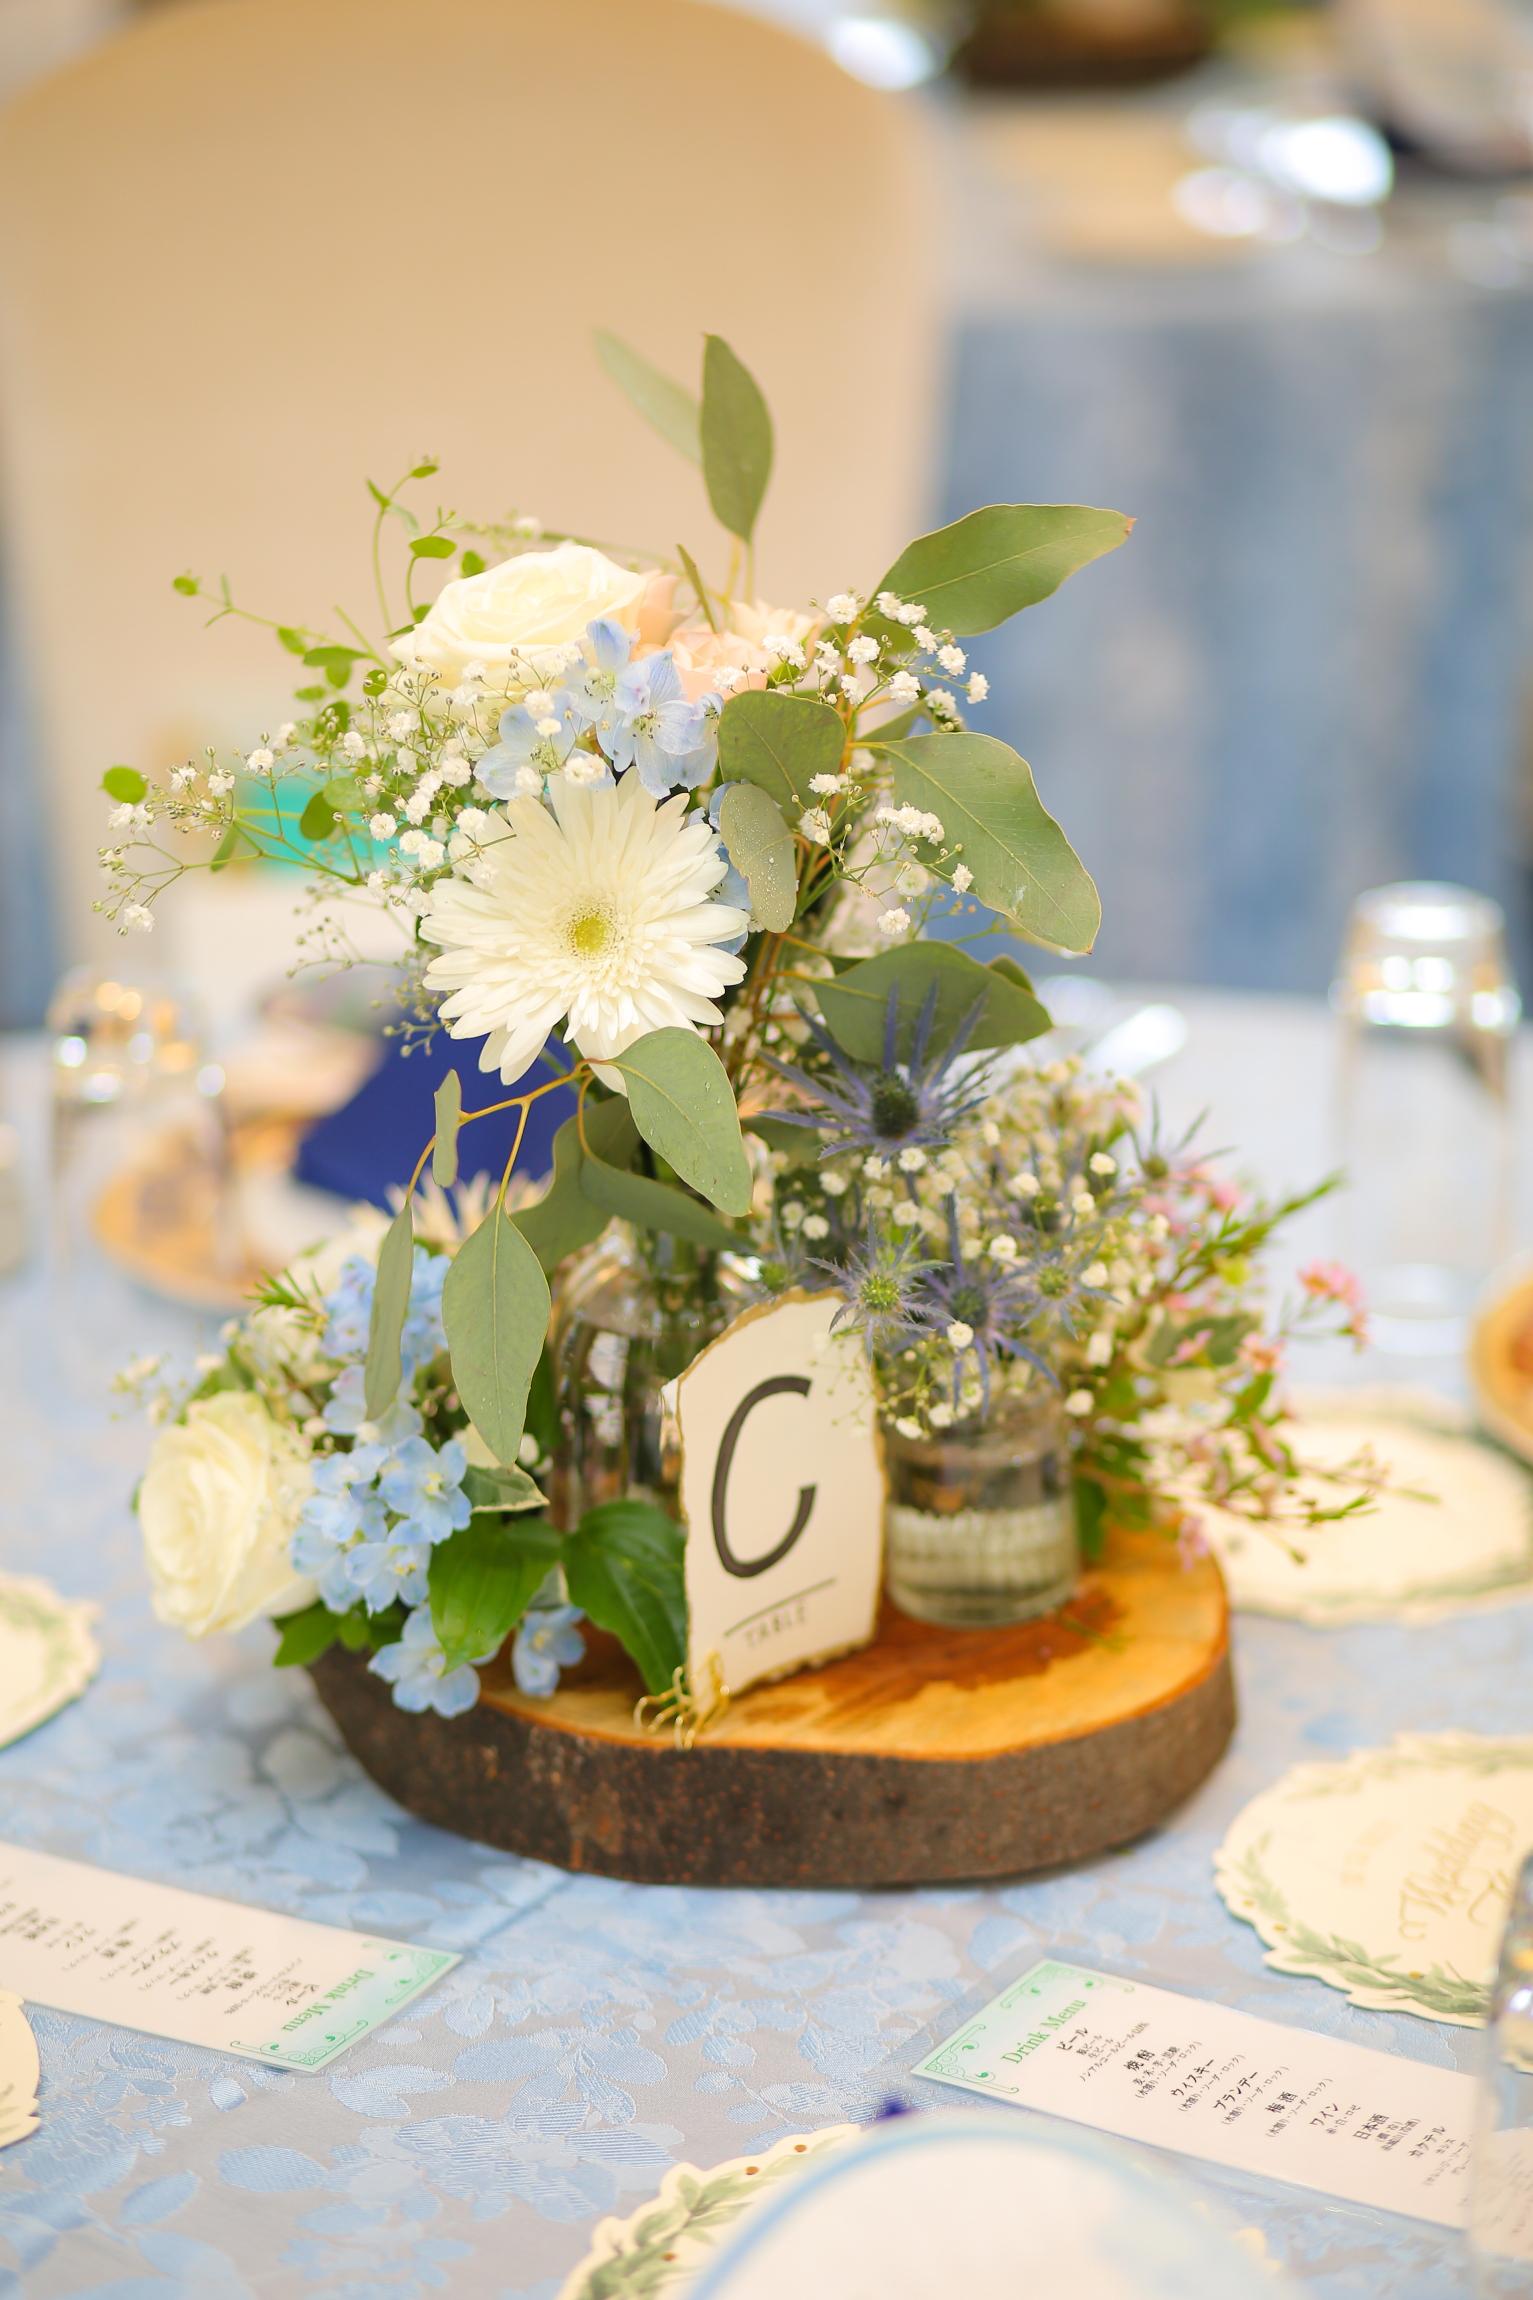 細かなところにもおしゃれなアイテムを足してワンランク上のテーブル装花に♪